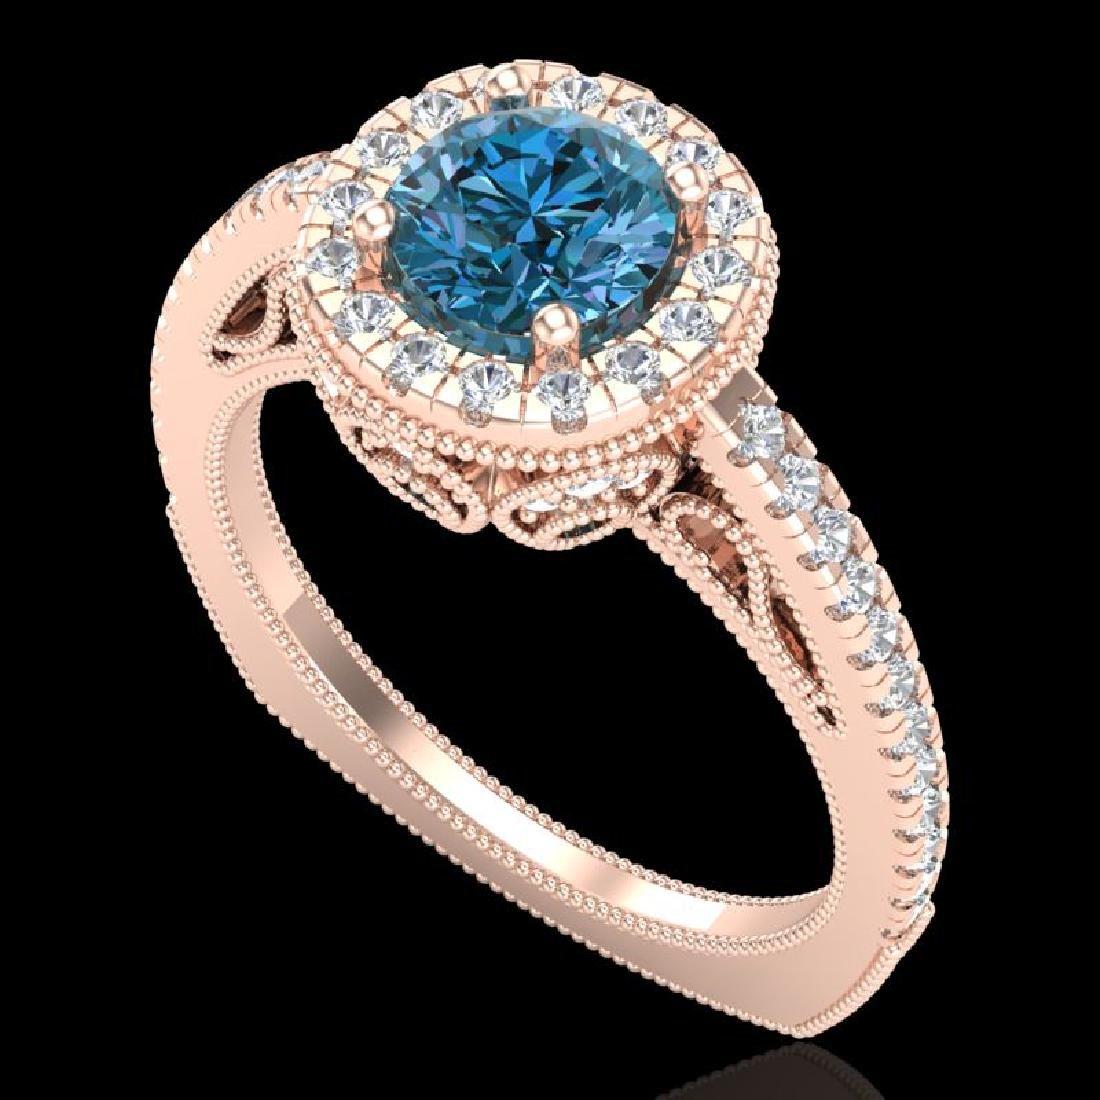 1.55 CTW Fancy Intense Blue Diamond Solitaire Art Deco